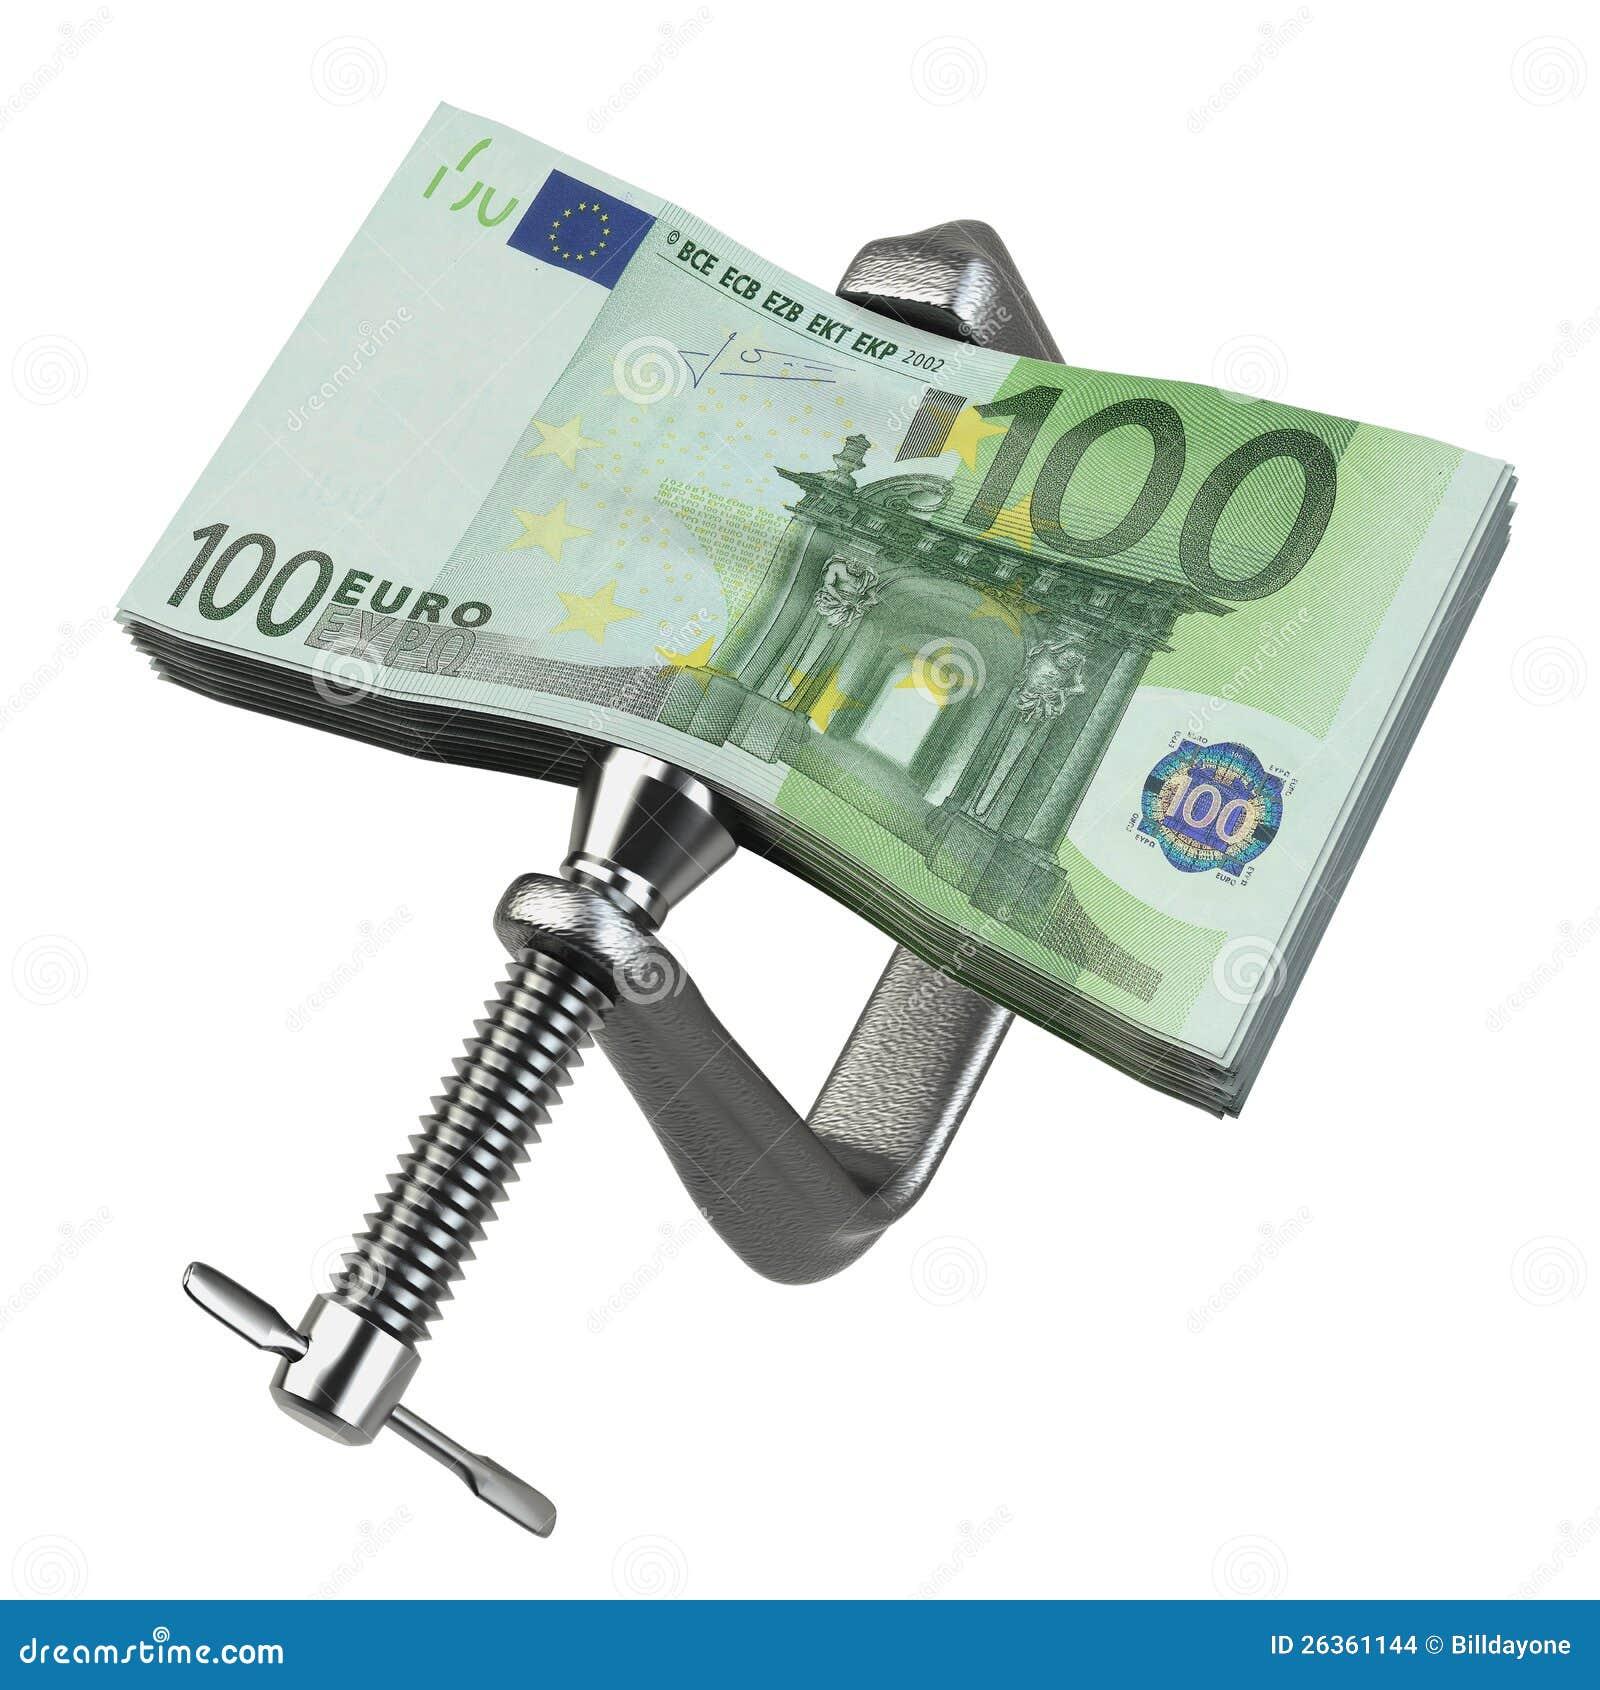 C-Rohrschelle, die Eurobargeld zusammendrückt